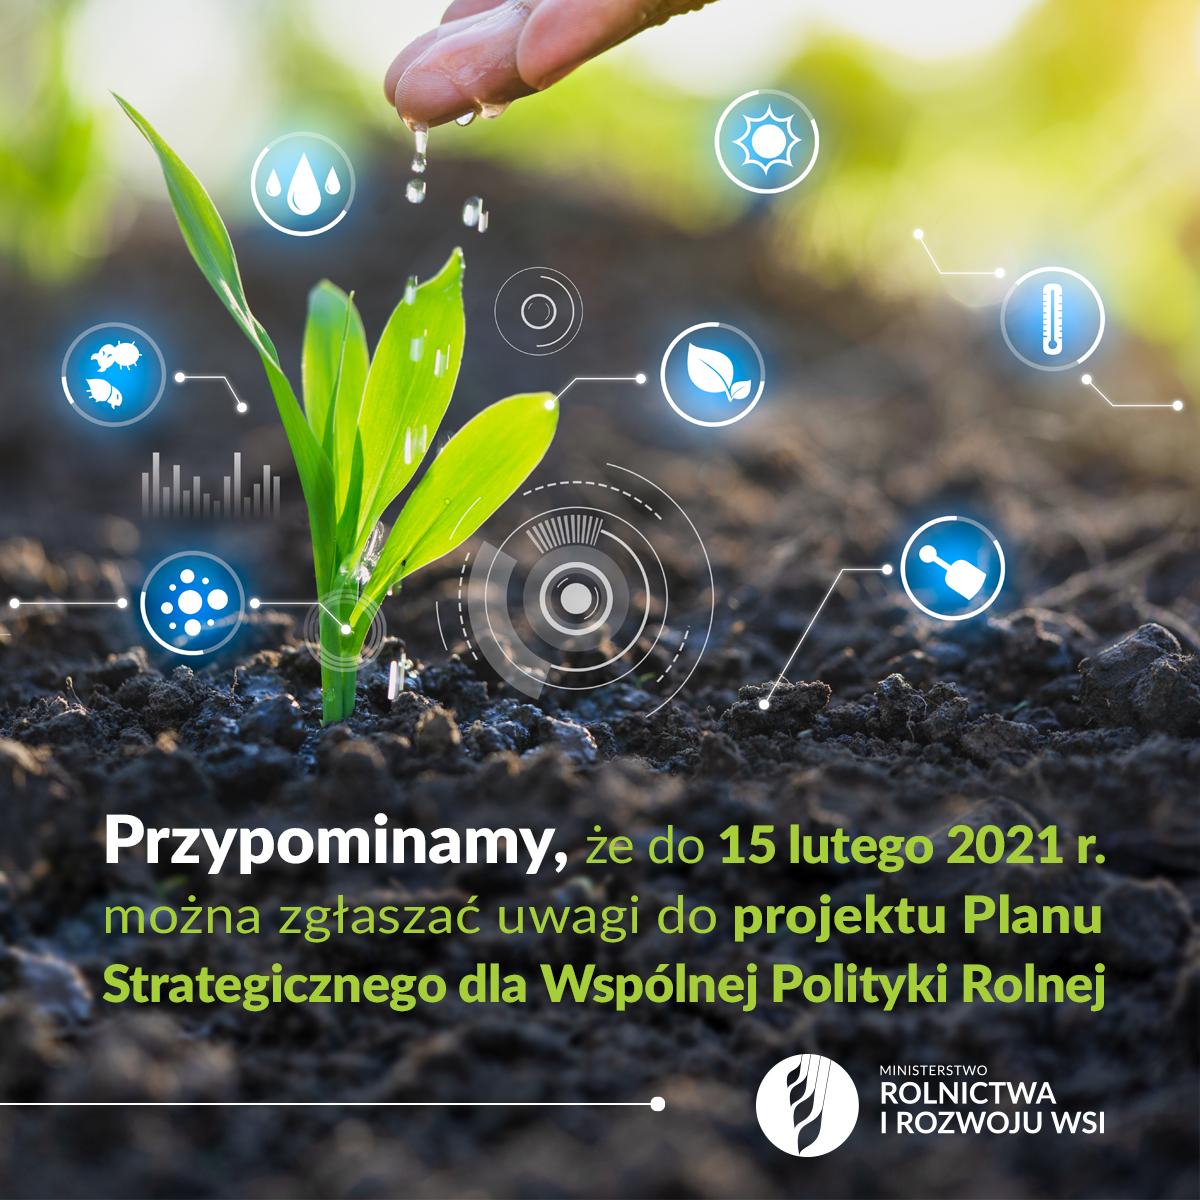 Ilustracja do informacji: Ważne dla rolników. Trwają konsultacje społeczne projektu Planu Strategicznego dla Wspólnej Polityki Rolnej.